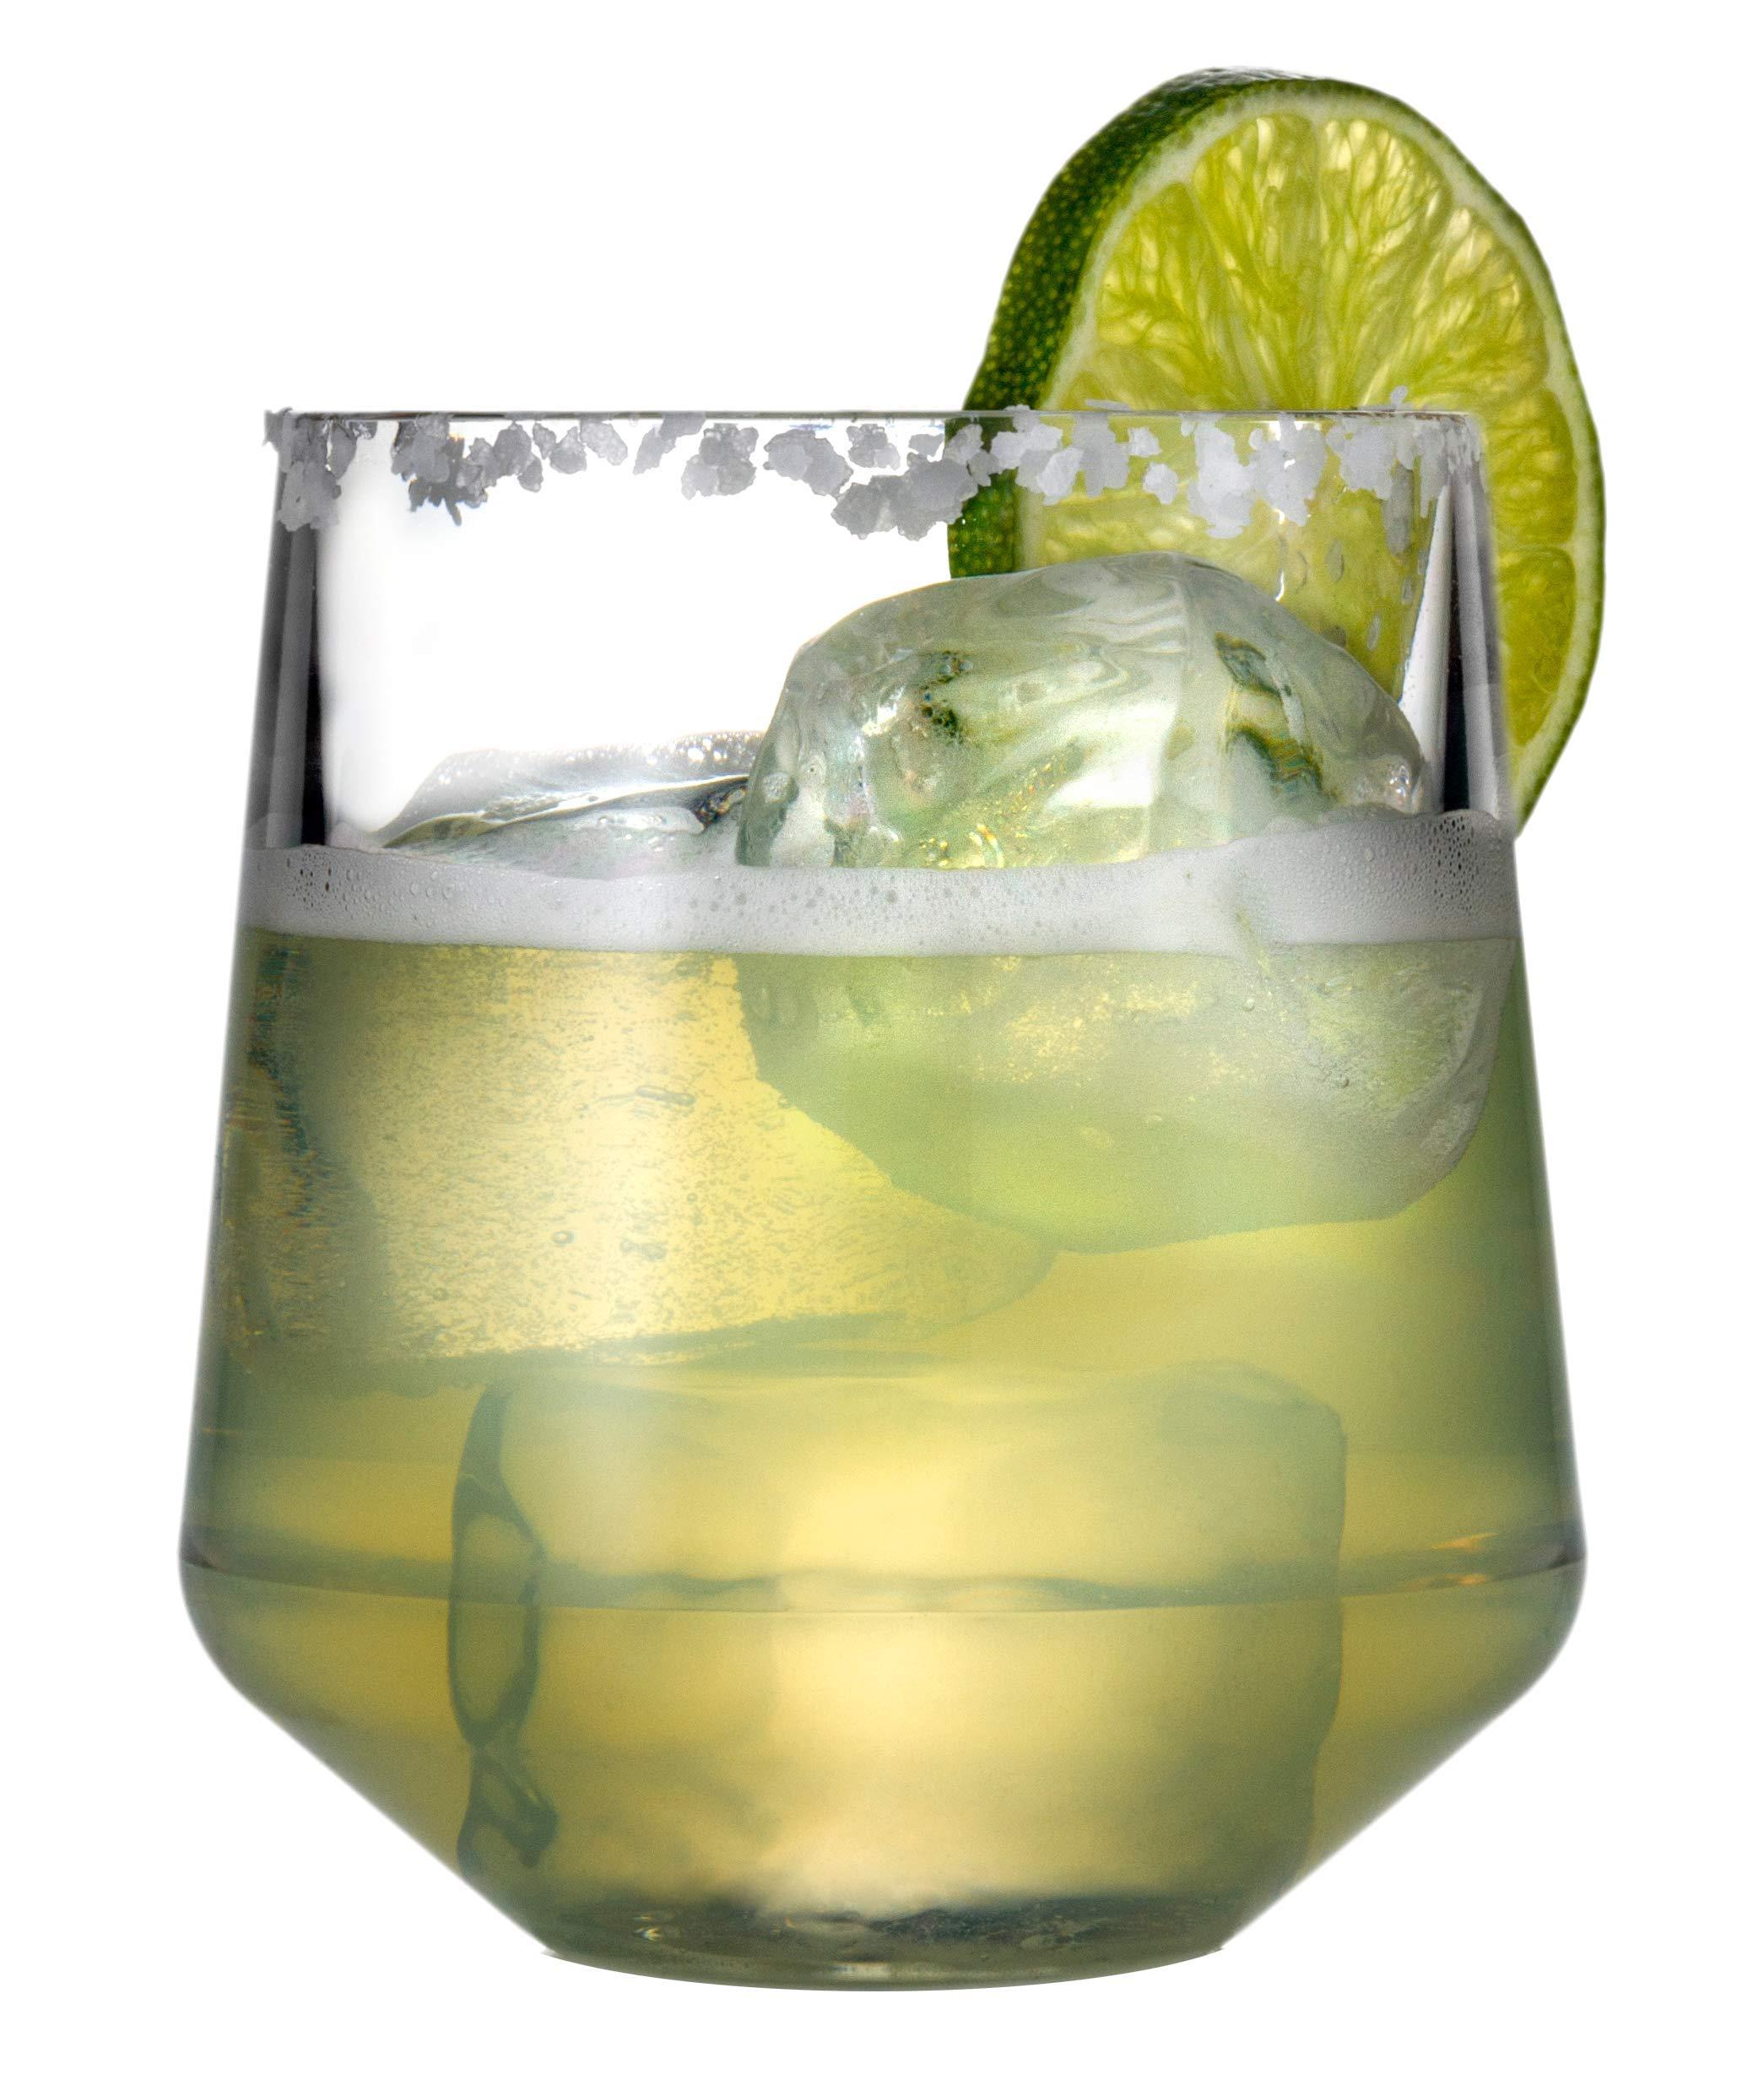 Drinique VIN-SW-CLR-4 Stemless Unbreakable Tritan Wine Glasses, 12 oz (Set of 4), Clear by Drinique (Image #5)